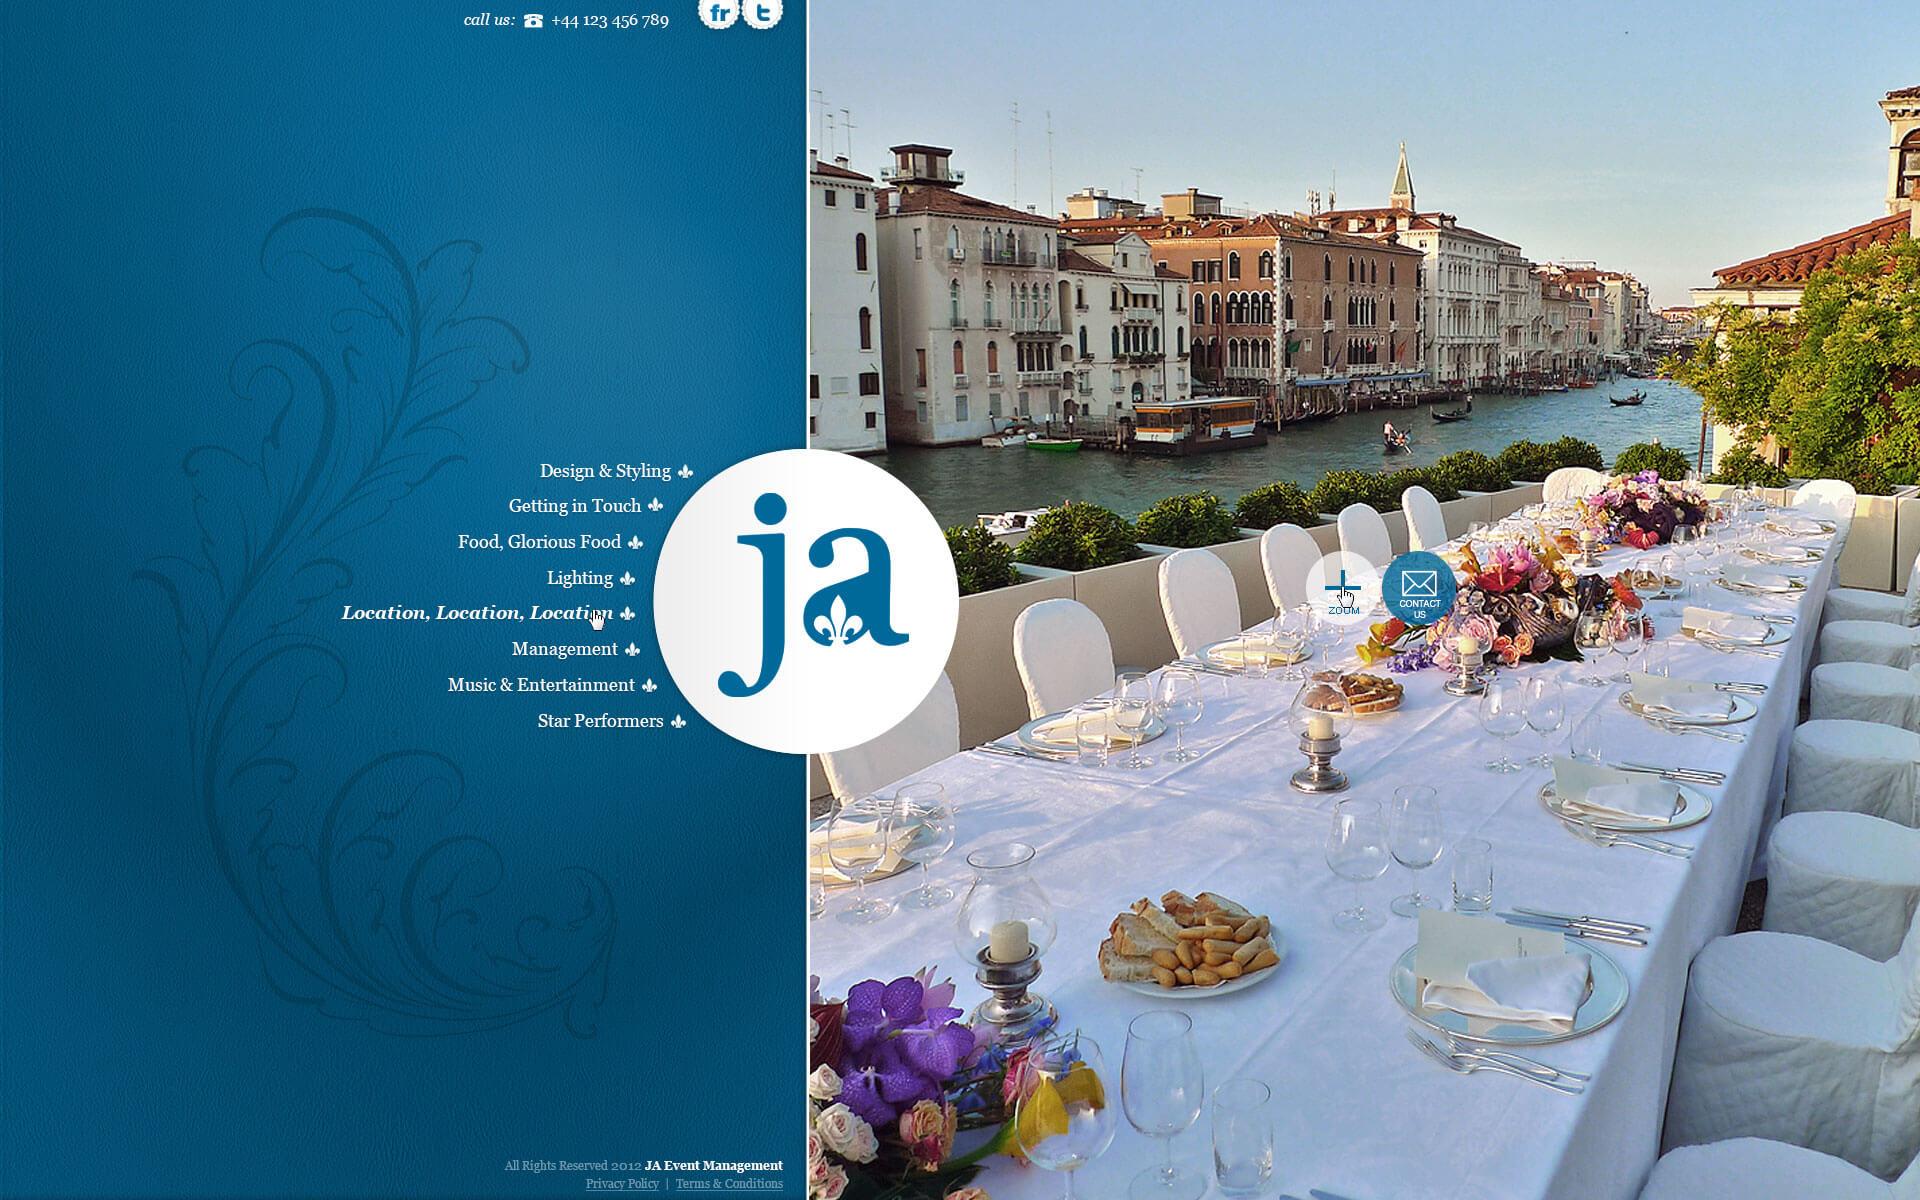 JA Cover